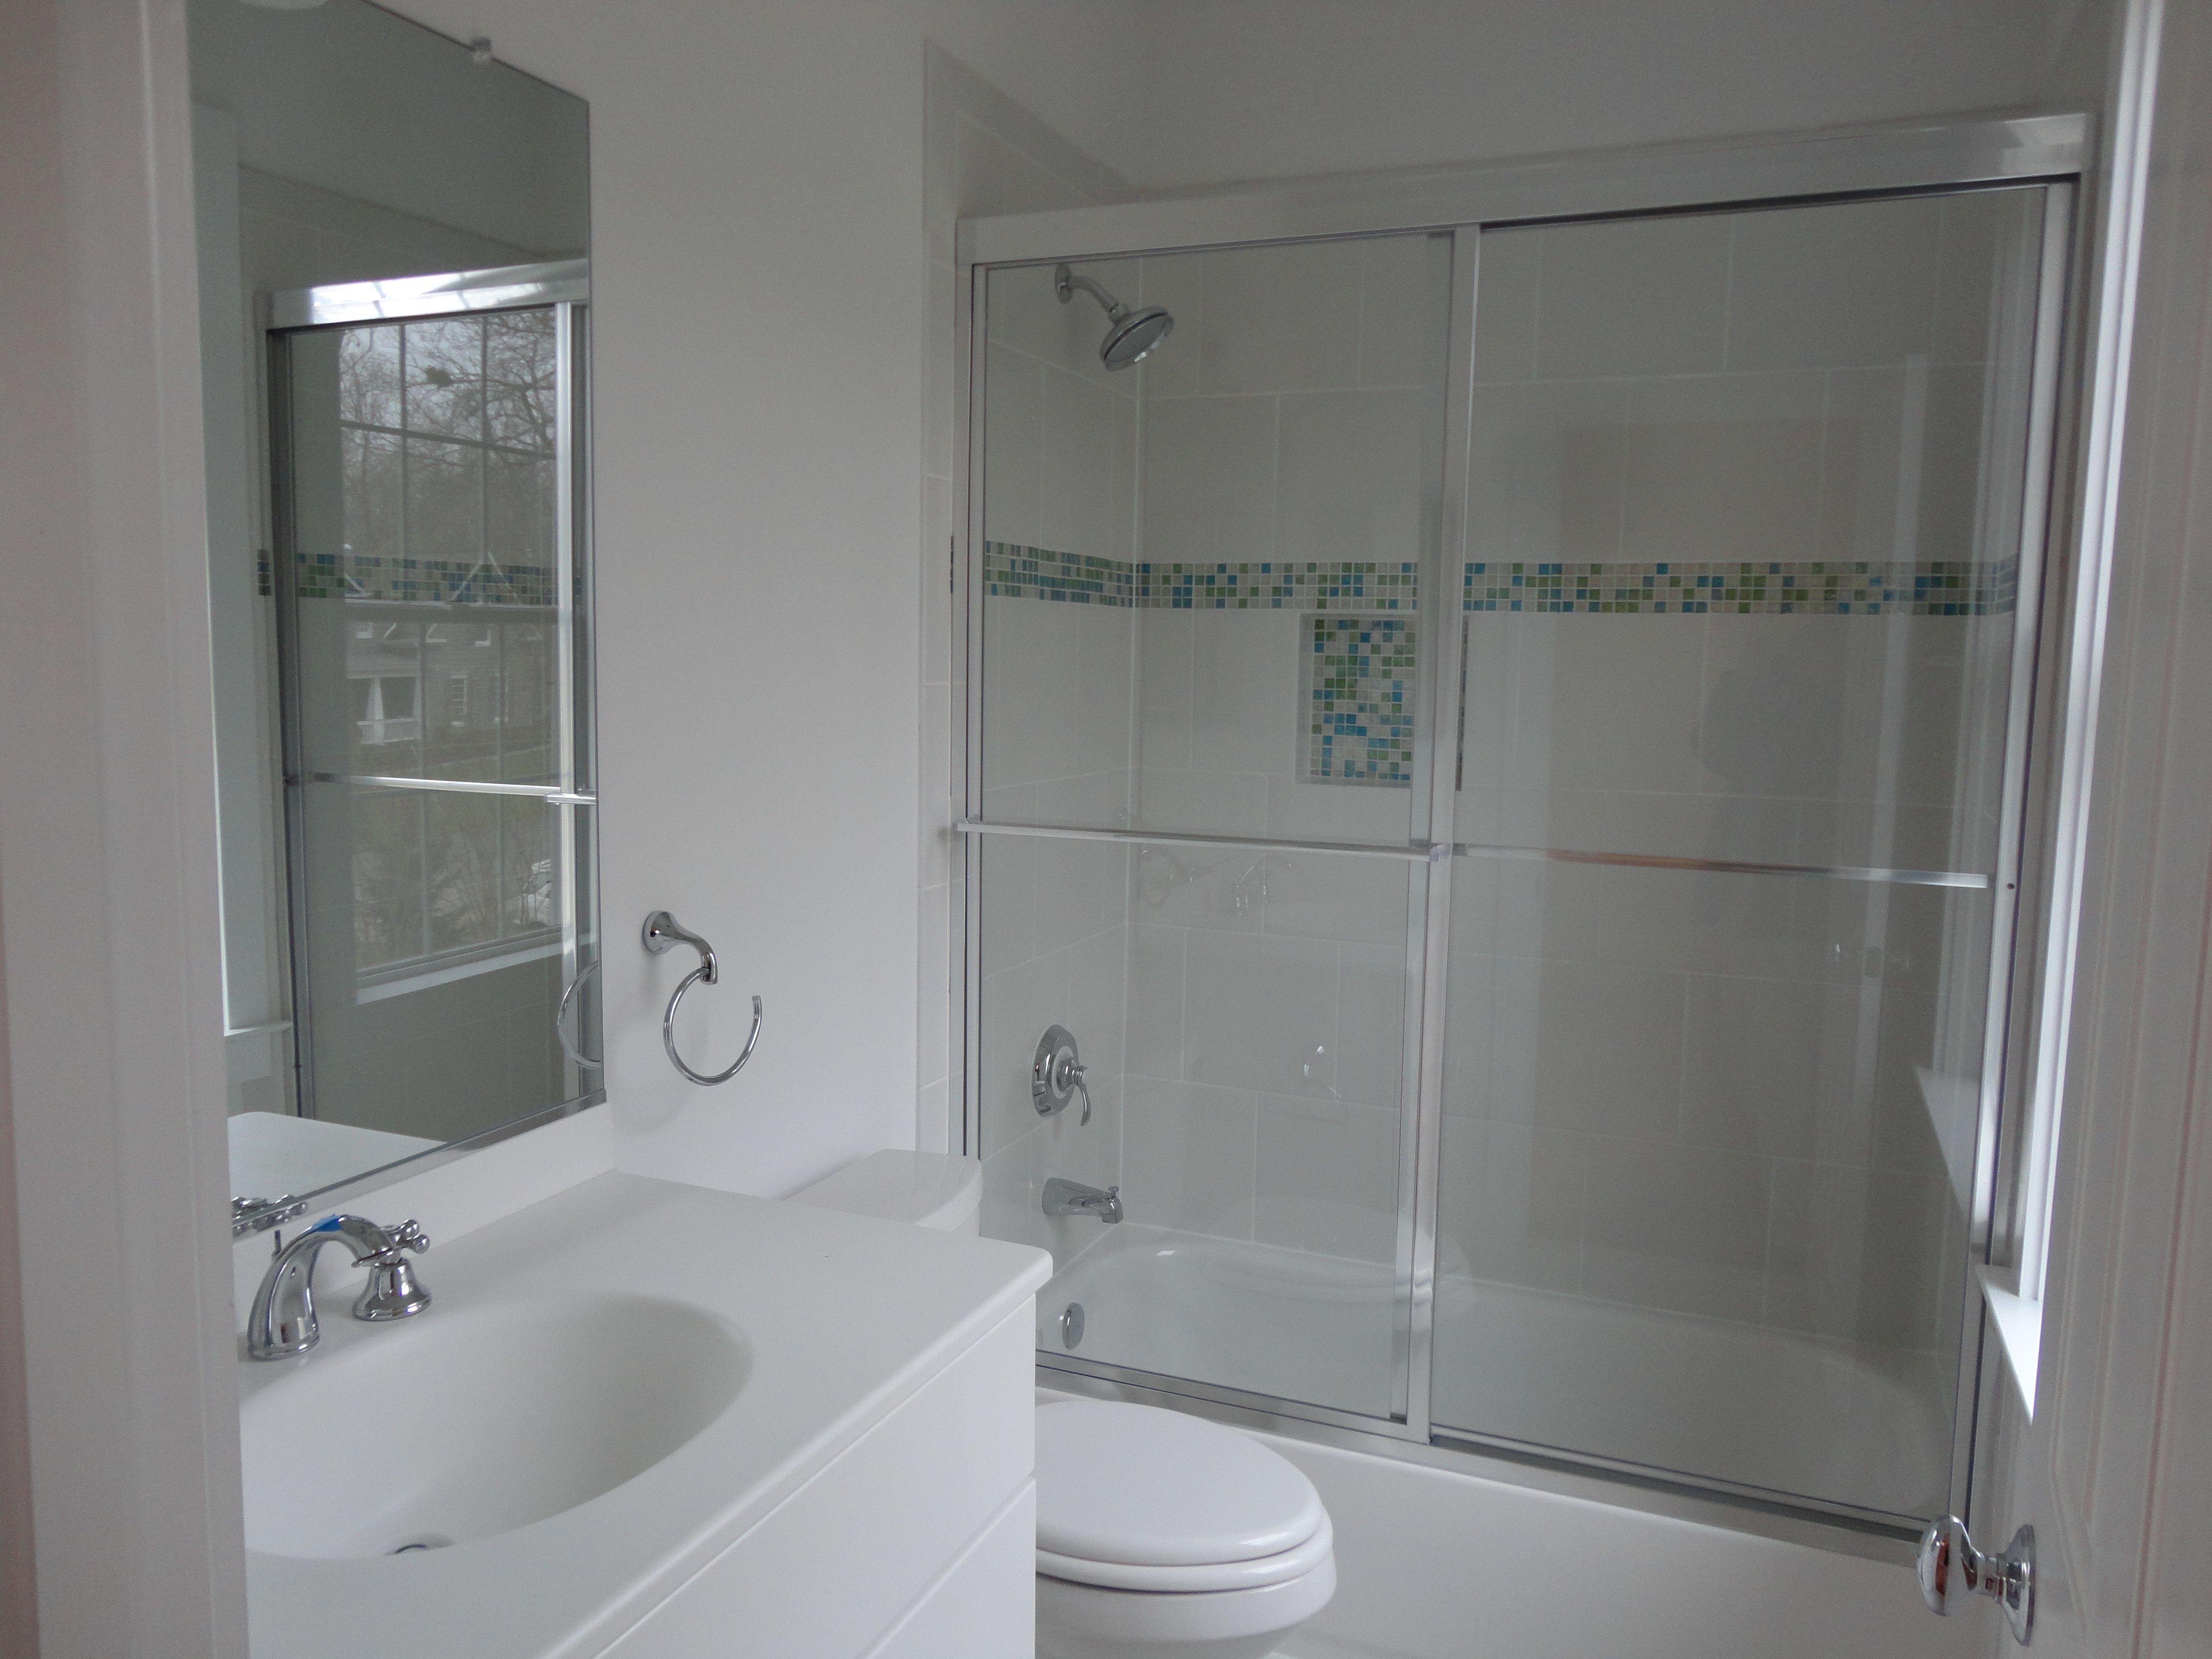 Tub bypass shower door | Standard Shower Doors | Pinterest | Shower ...